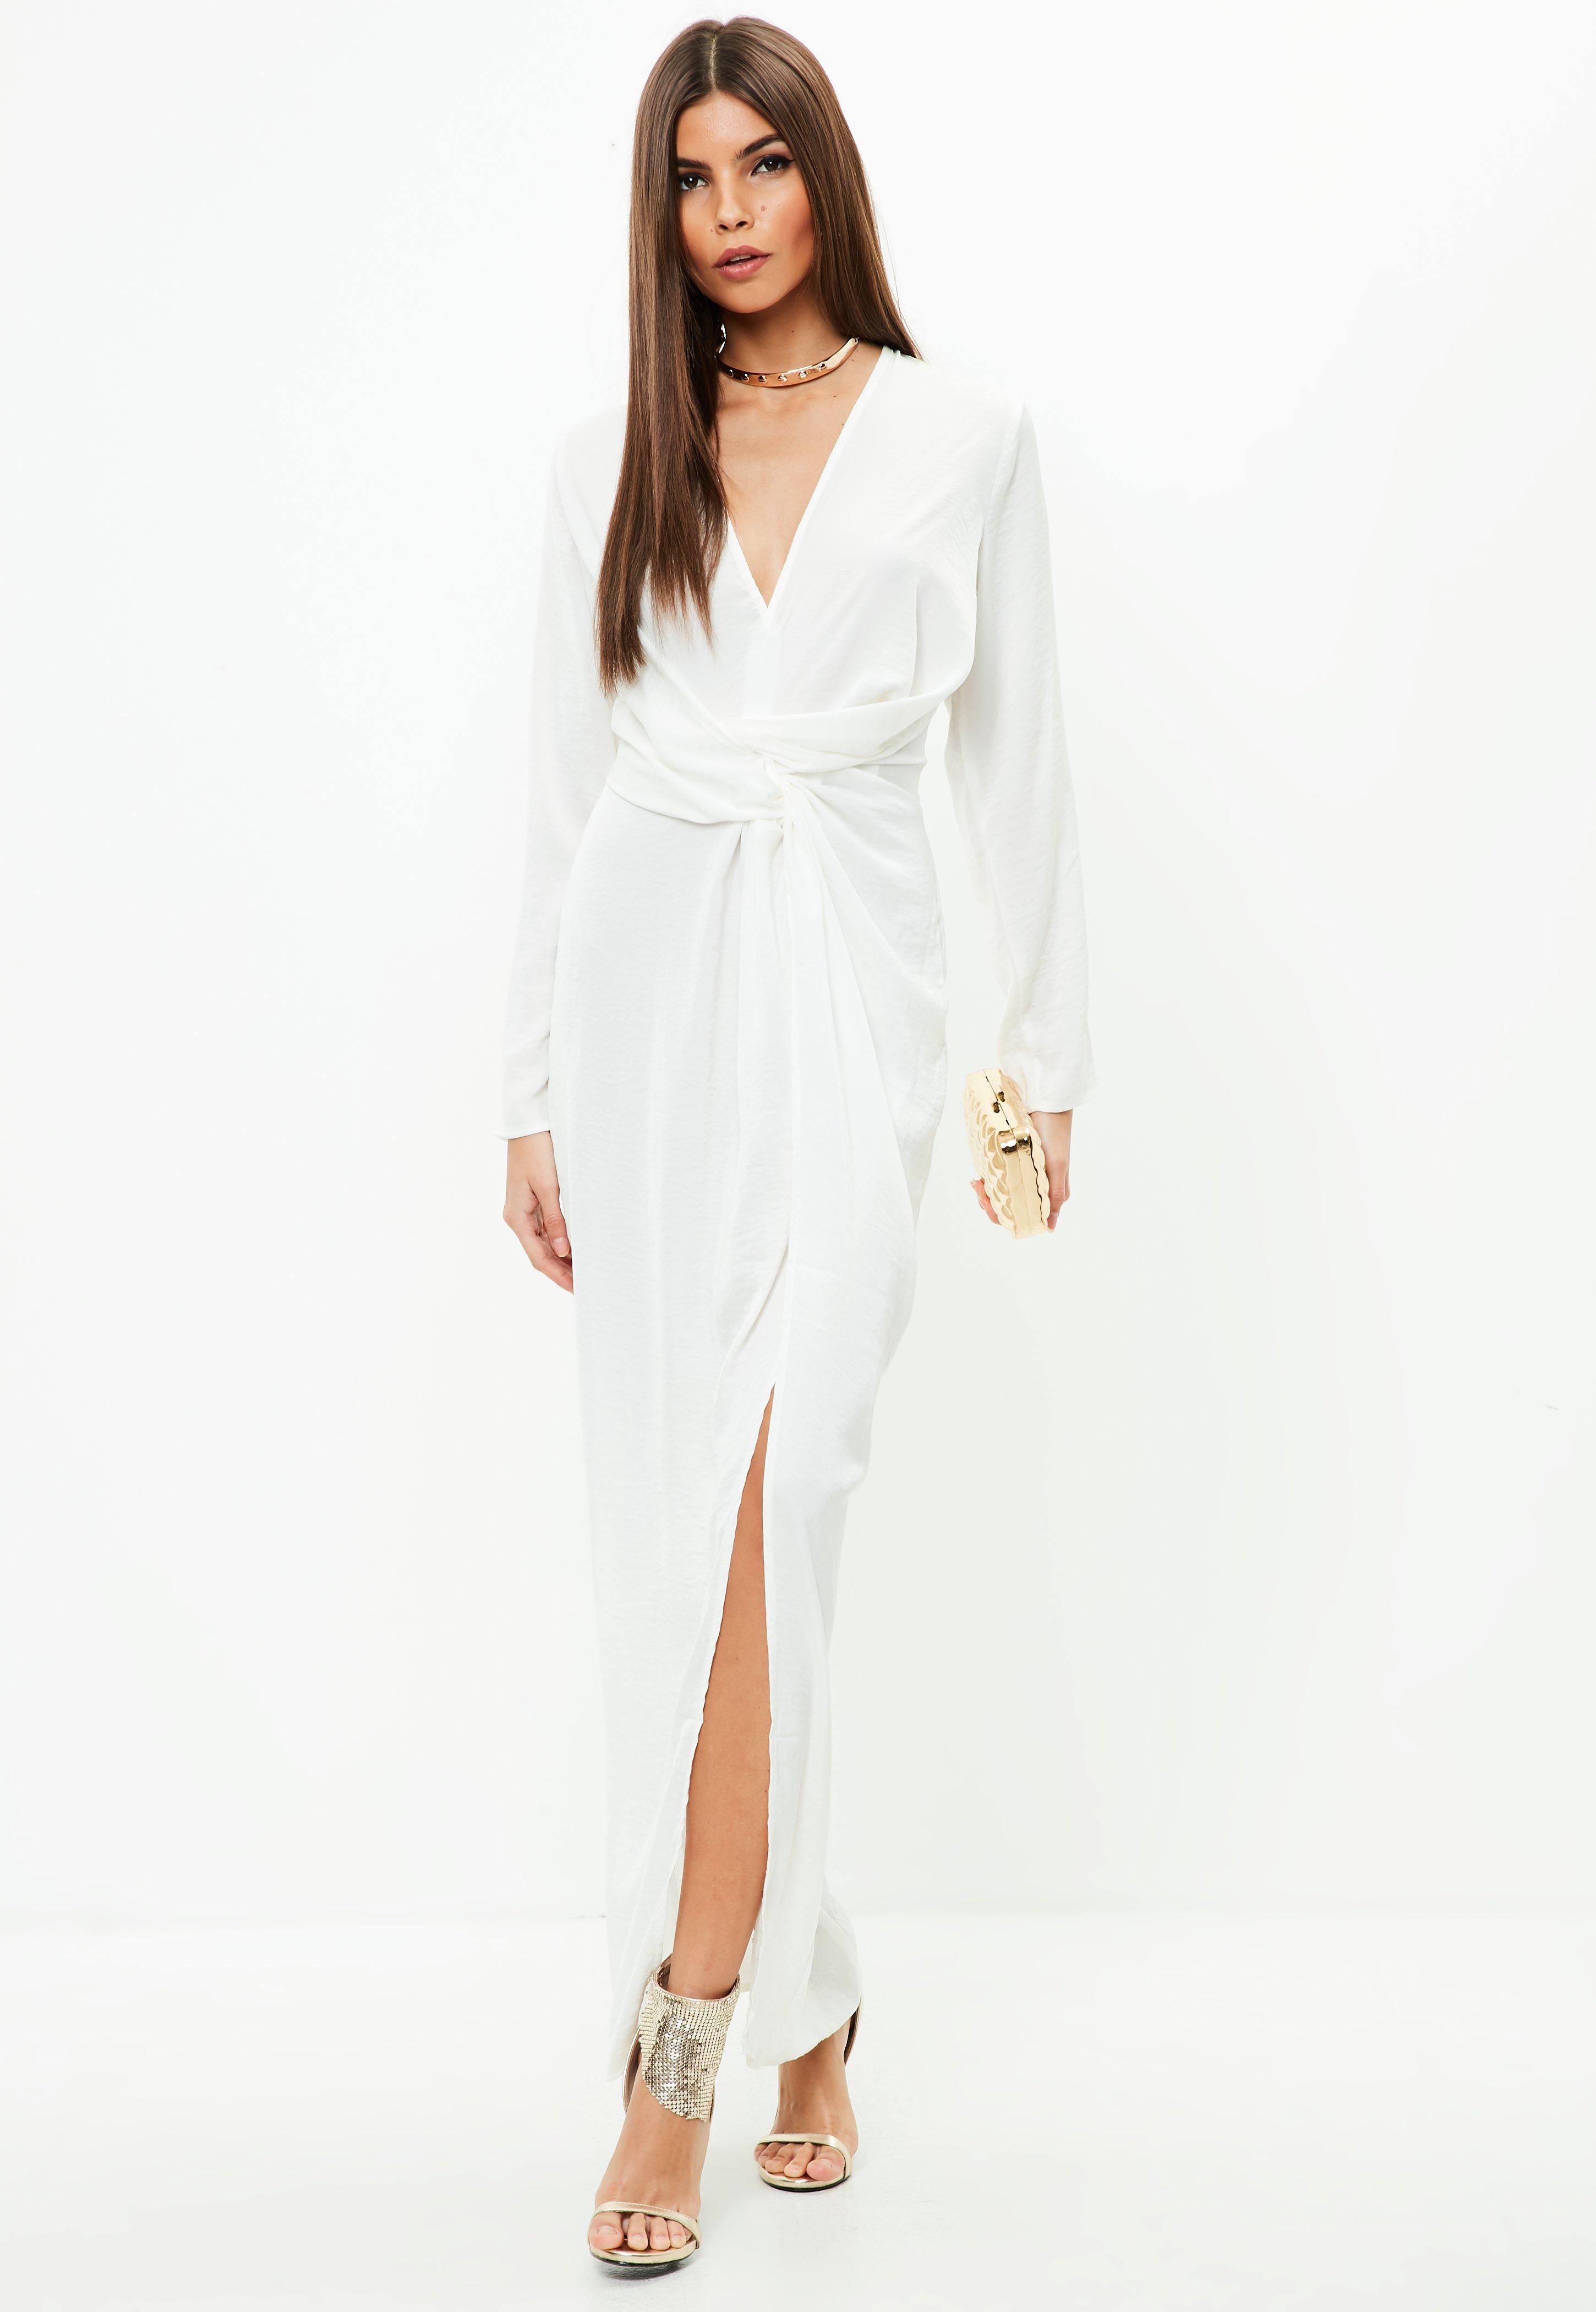 Silk maxi dress nzs